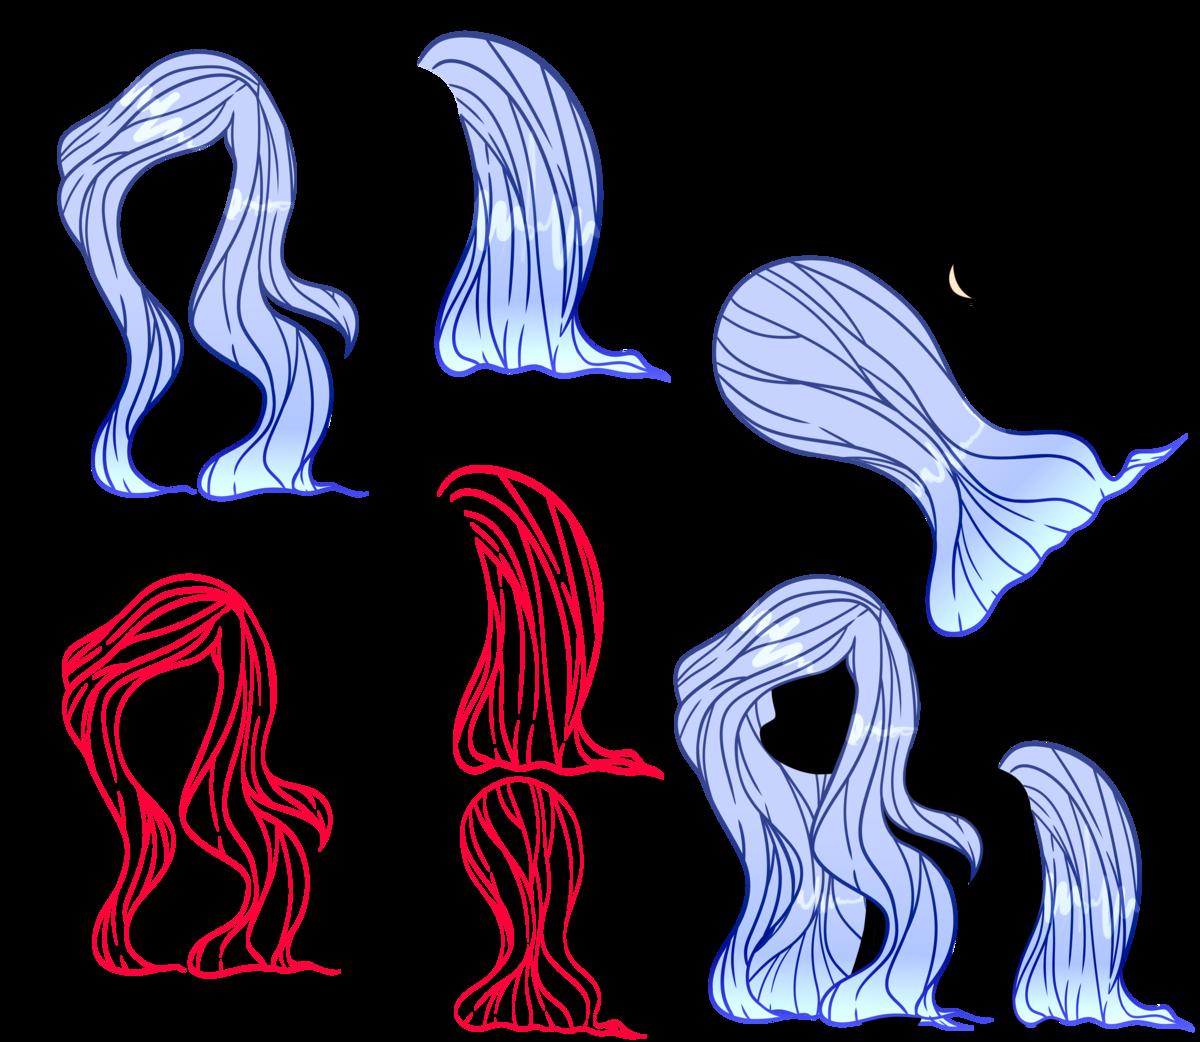 повседневная картинки пони креатор для обработки без фона делать без прически зависимости